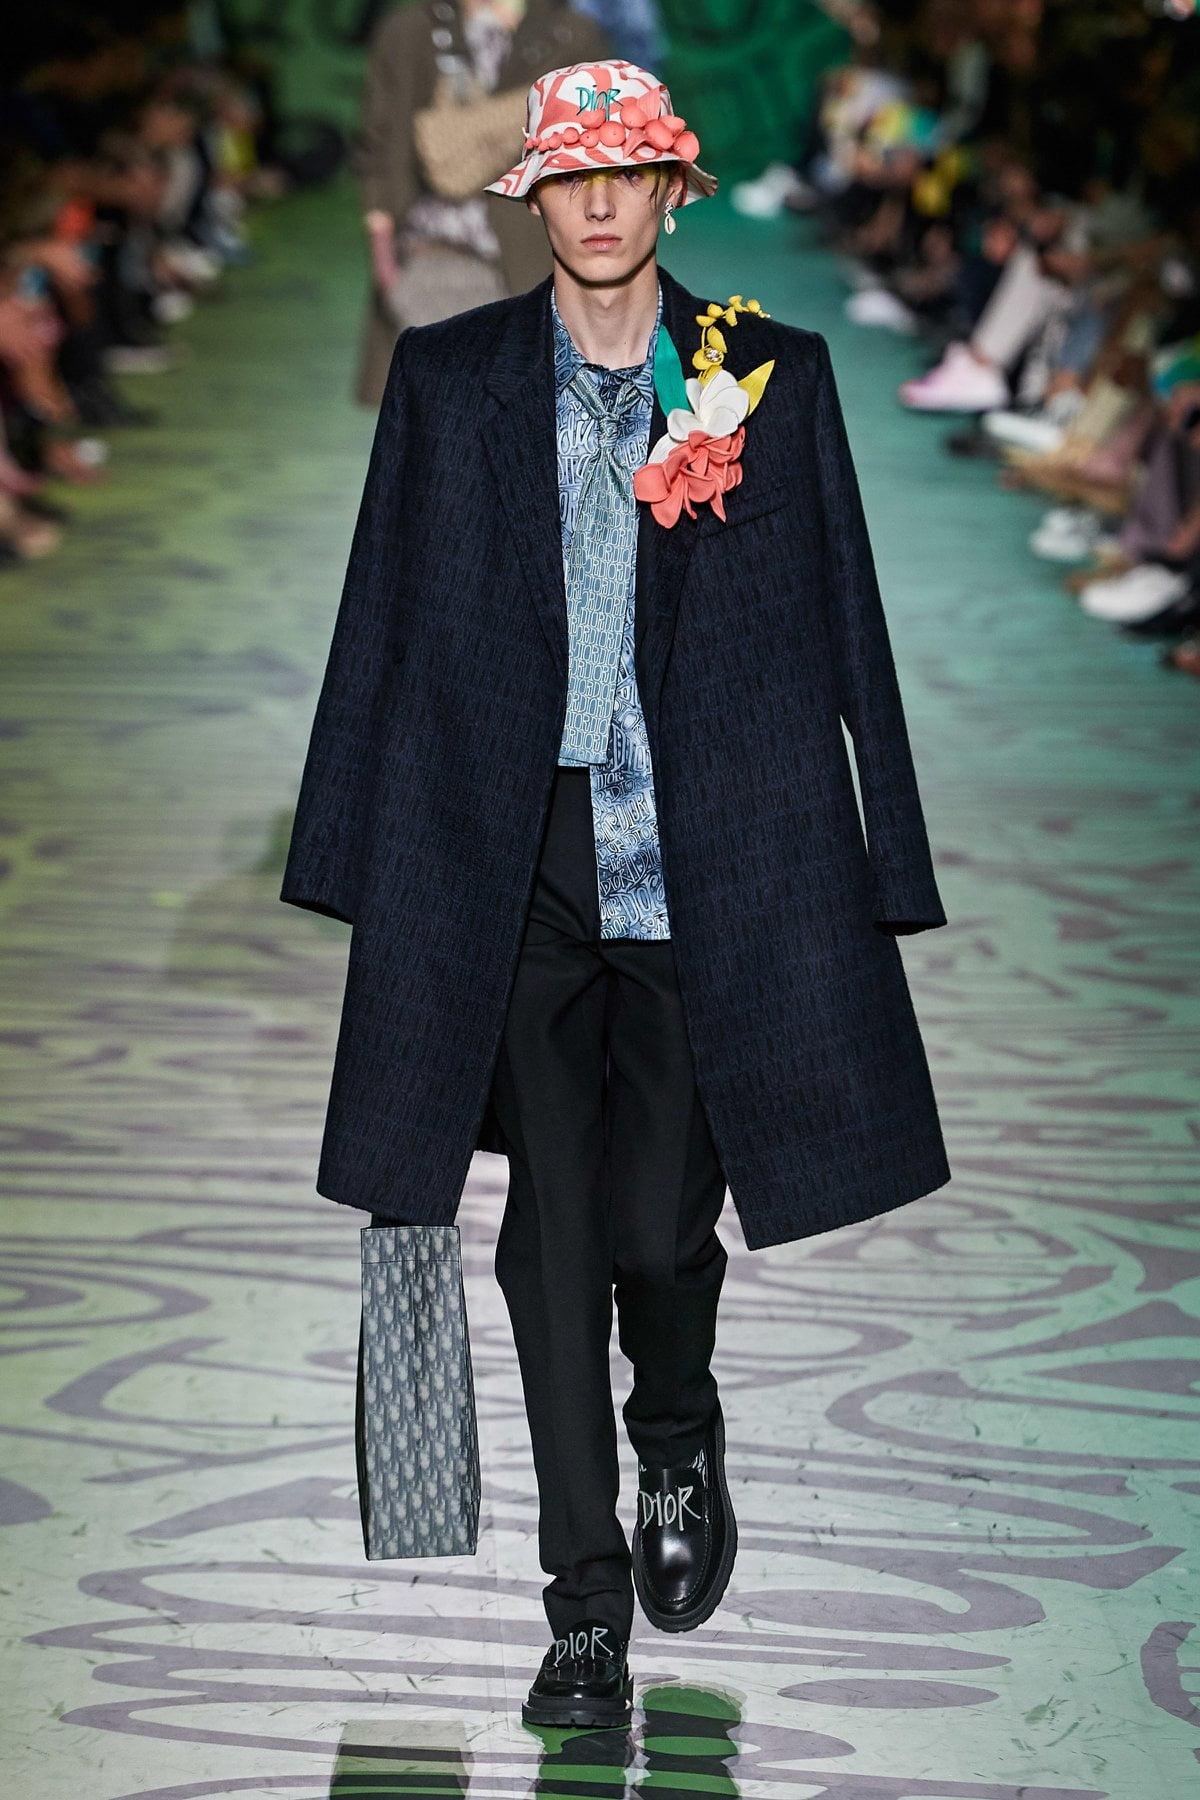 Dior muốn đánh gục cả thế giới với dòng thời trang nam đầy nhục cảm 12